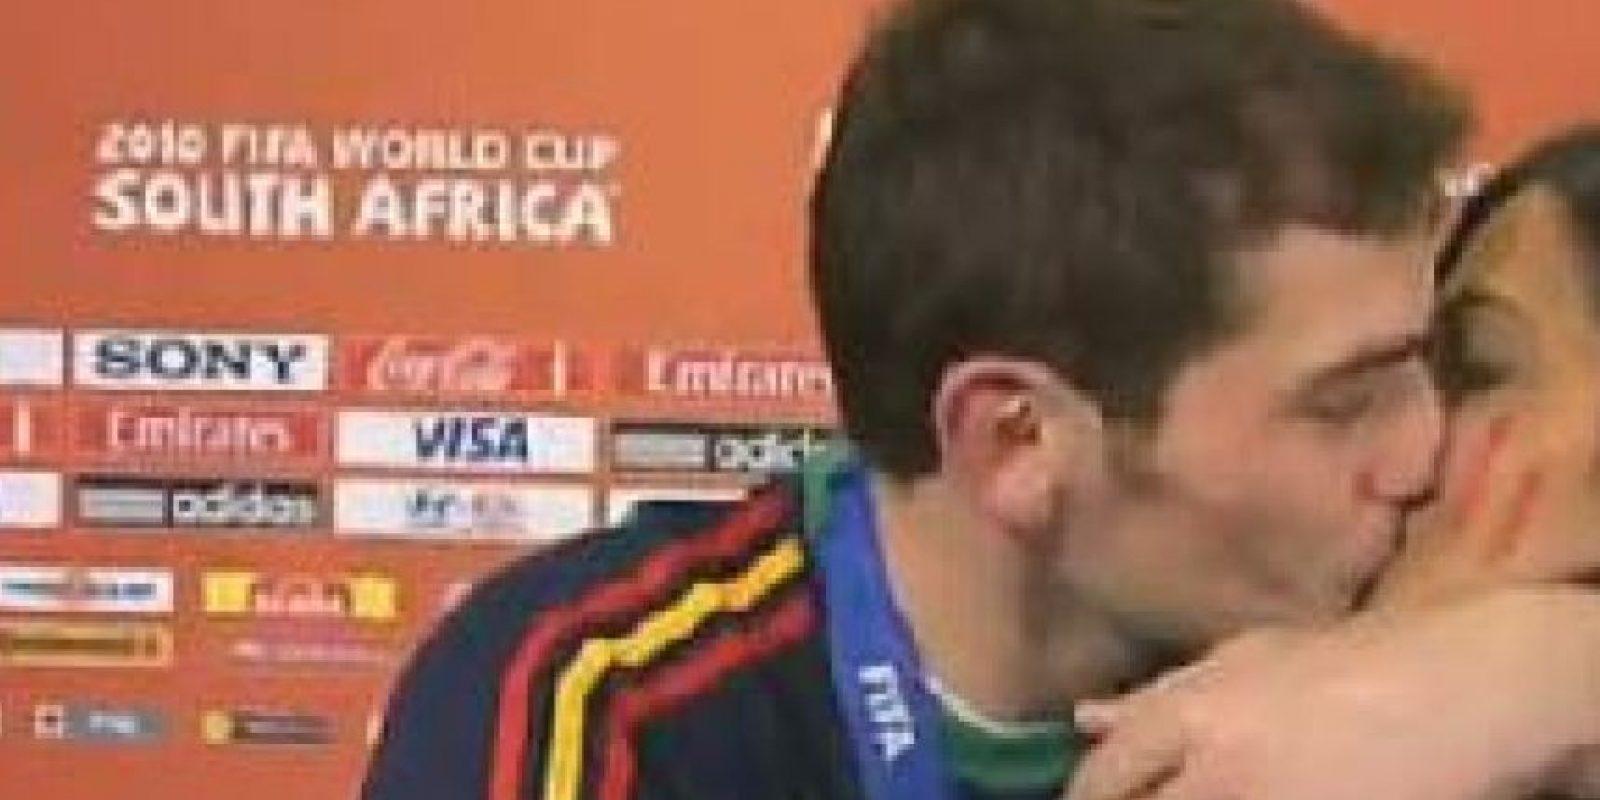 3- Este gesto fue muy jocoso. Iker Casillas besa a su pareja Sara Carbonero, en medio de una entrevista que le estaba realizando la conductora al atleta, por haber logrado una gran victoria. Ella quiso manejar el encuentro muy profesional, pero el capitán del Real Madrid no pudo contener su alegría y dejó esta imagen para el recuerdo. ¡El video está en Youtube! Foto:Fuente externa